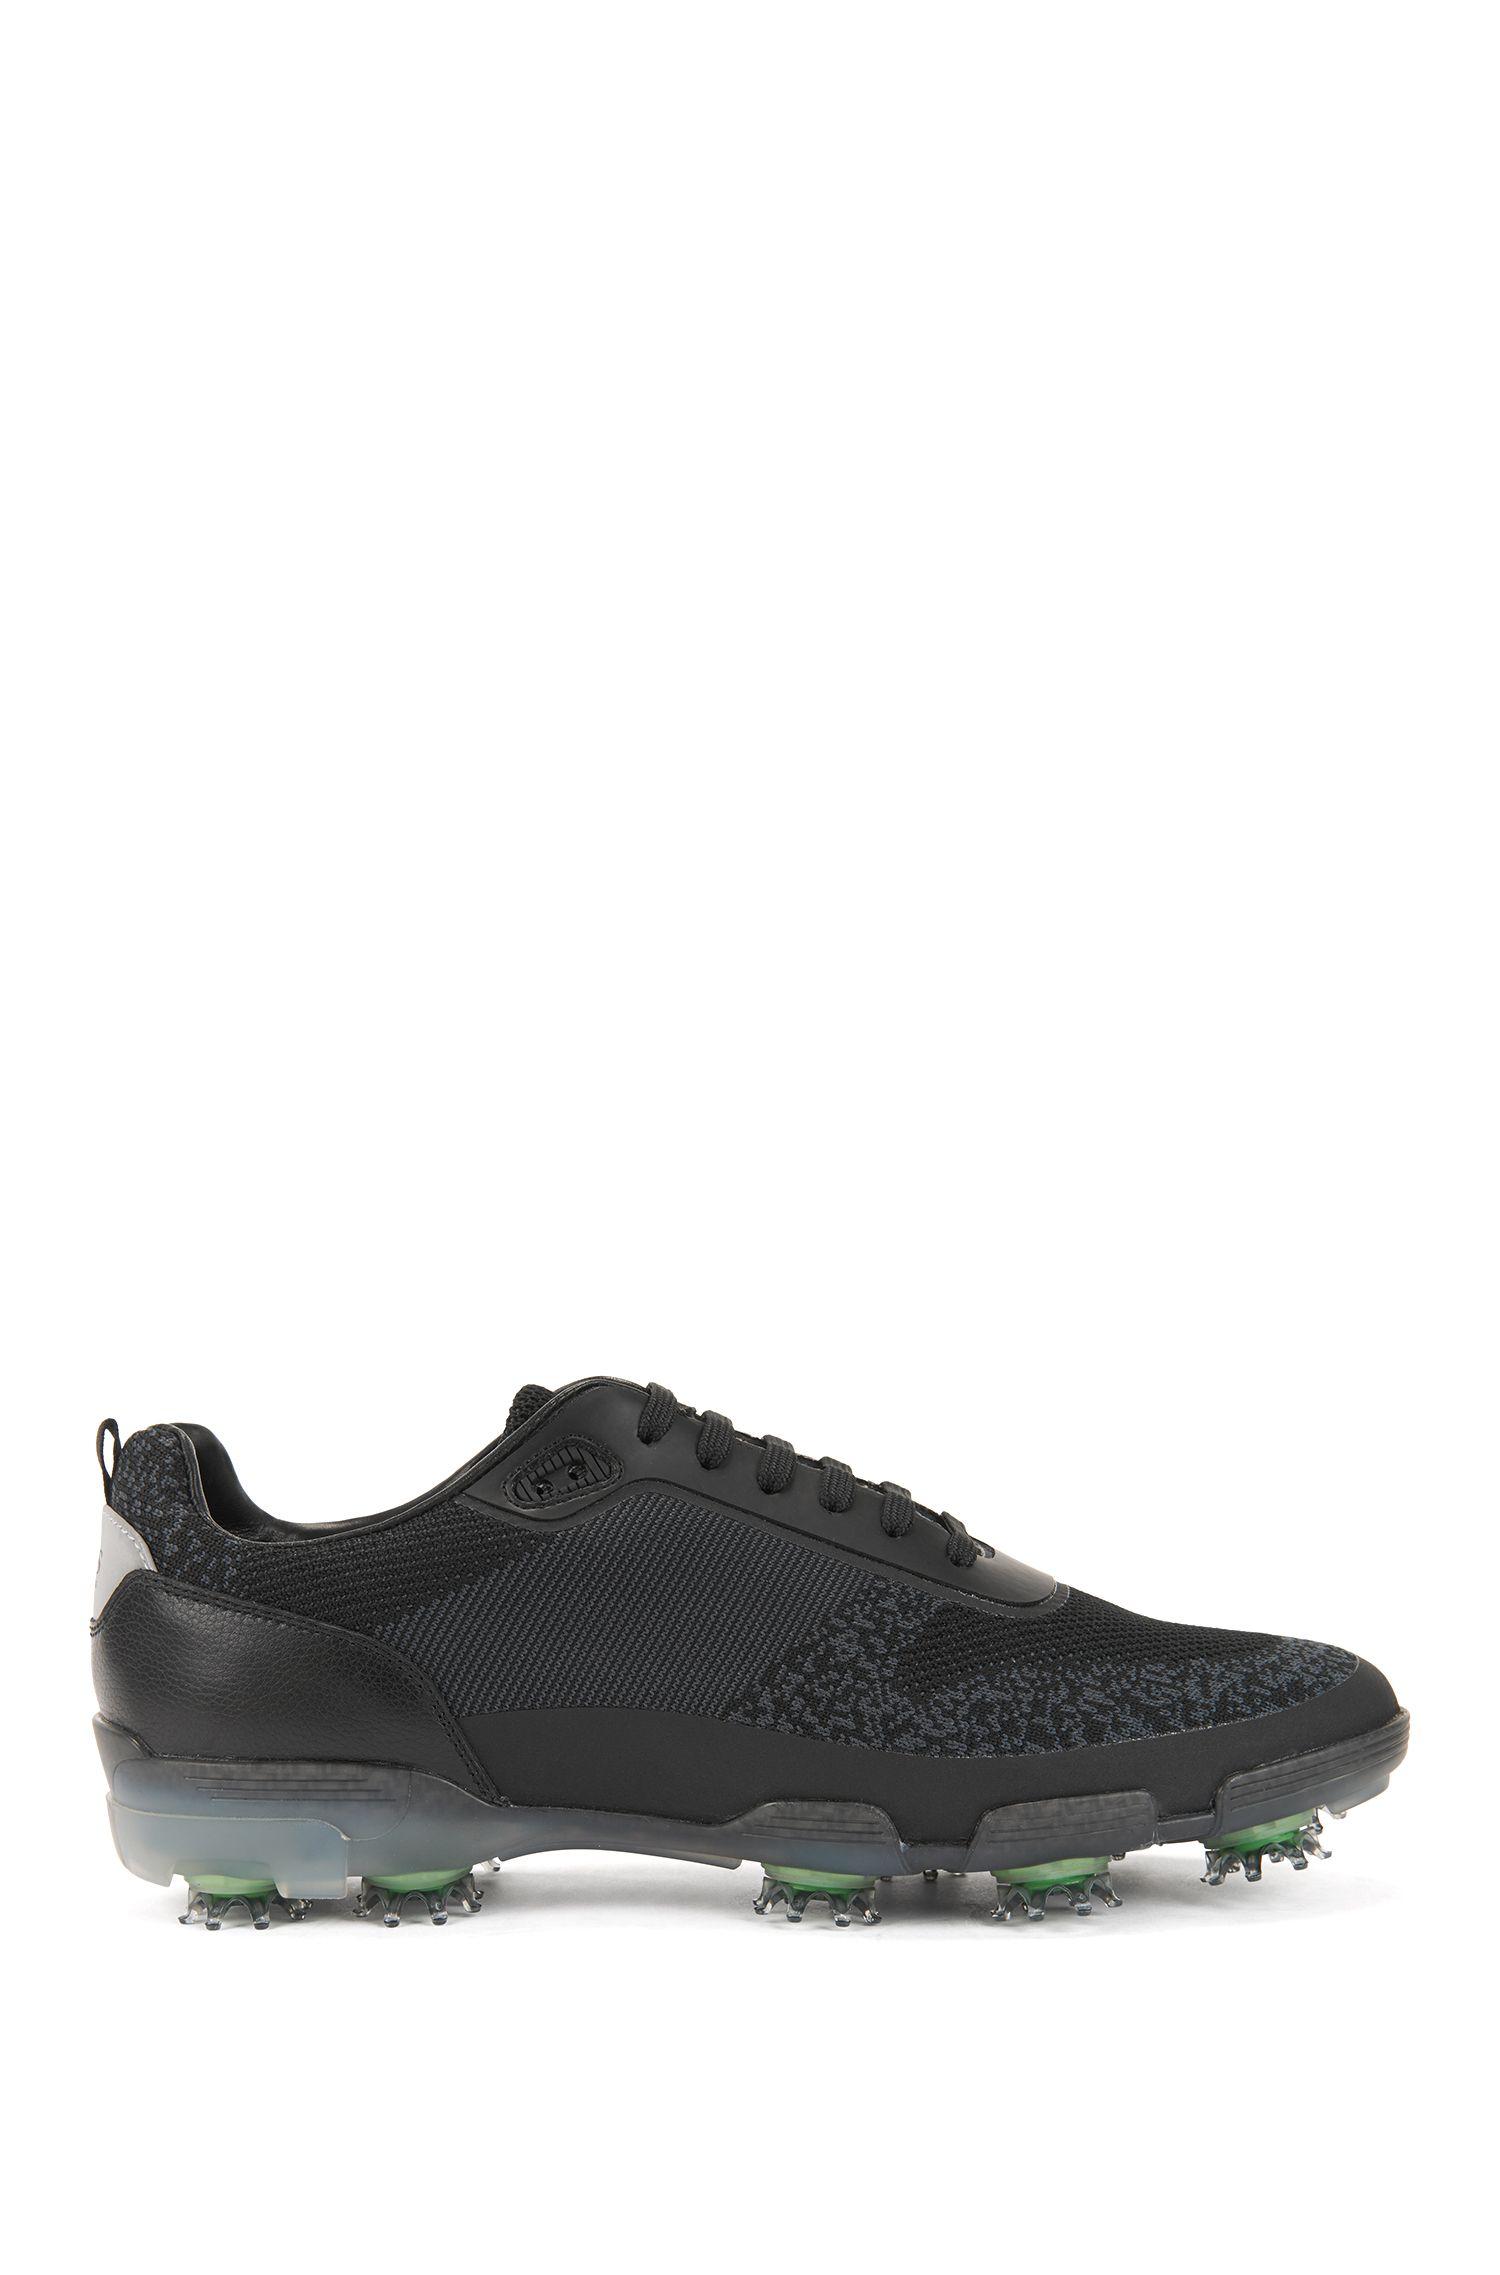 Scarpe da golf leggere in tessuto jacquard resistente all'acqua